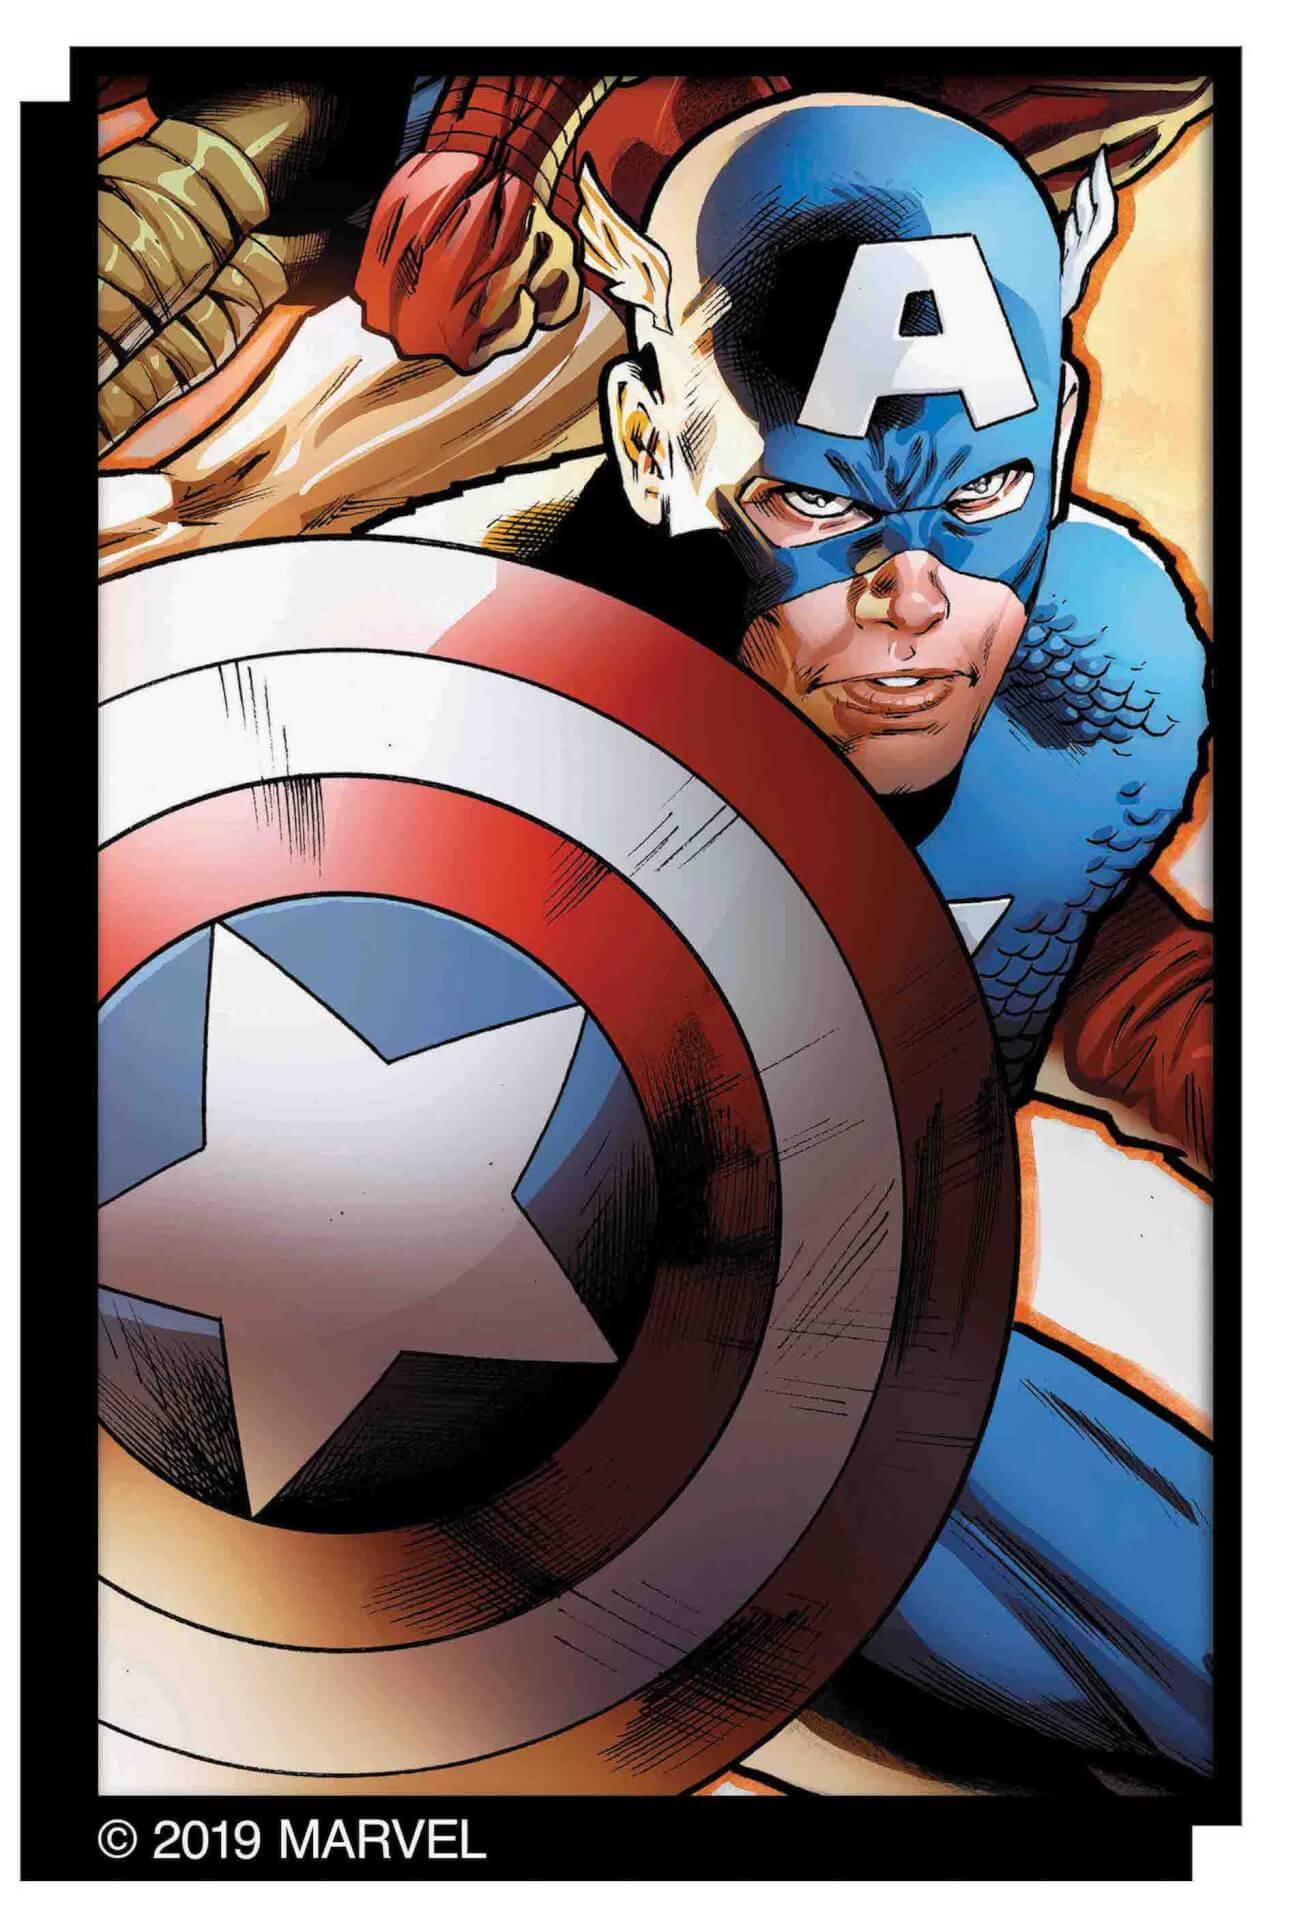 「スパイダーマン」や「キャプテン・アメリカ」が腕時計に!マーベルキャラクターをモチーフにしたシチズン腕時計全9モデルが登場 tech190919_marvel_watch_3